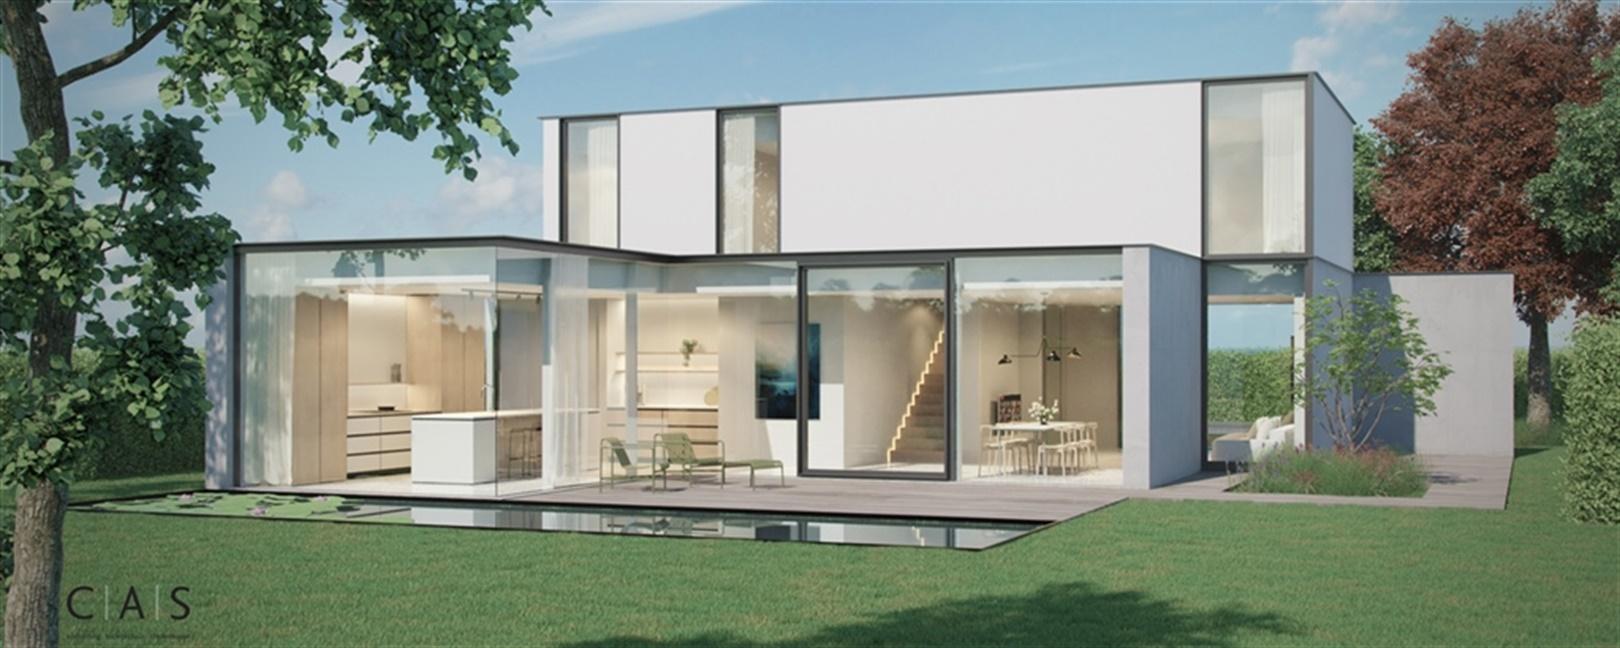 Exclusieve nieuwbouwvilla in residentiële buurt te Drongen